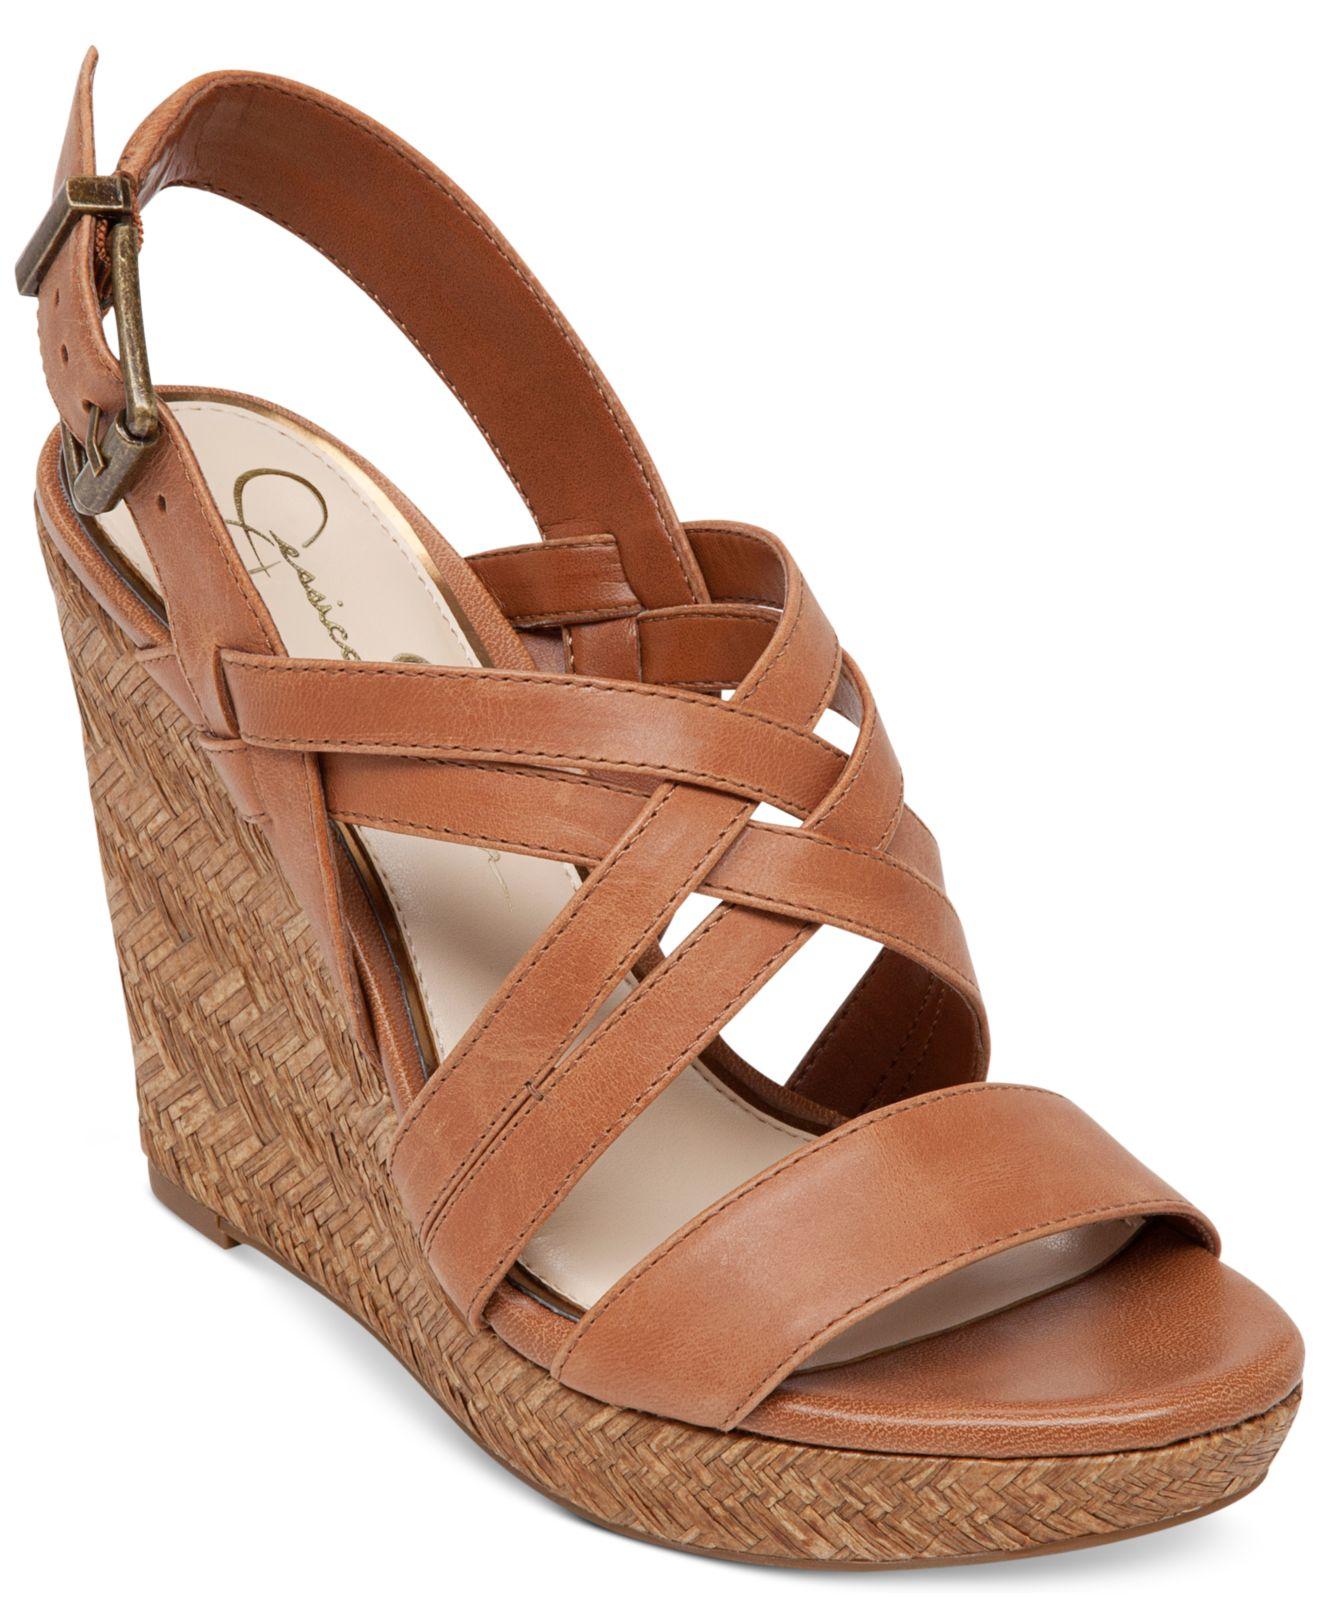 Lyst Jessica Simpson Julita Platform Wedge Sandals In Brown